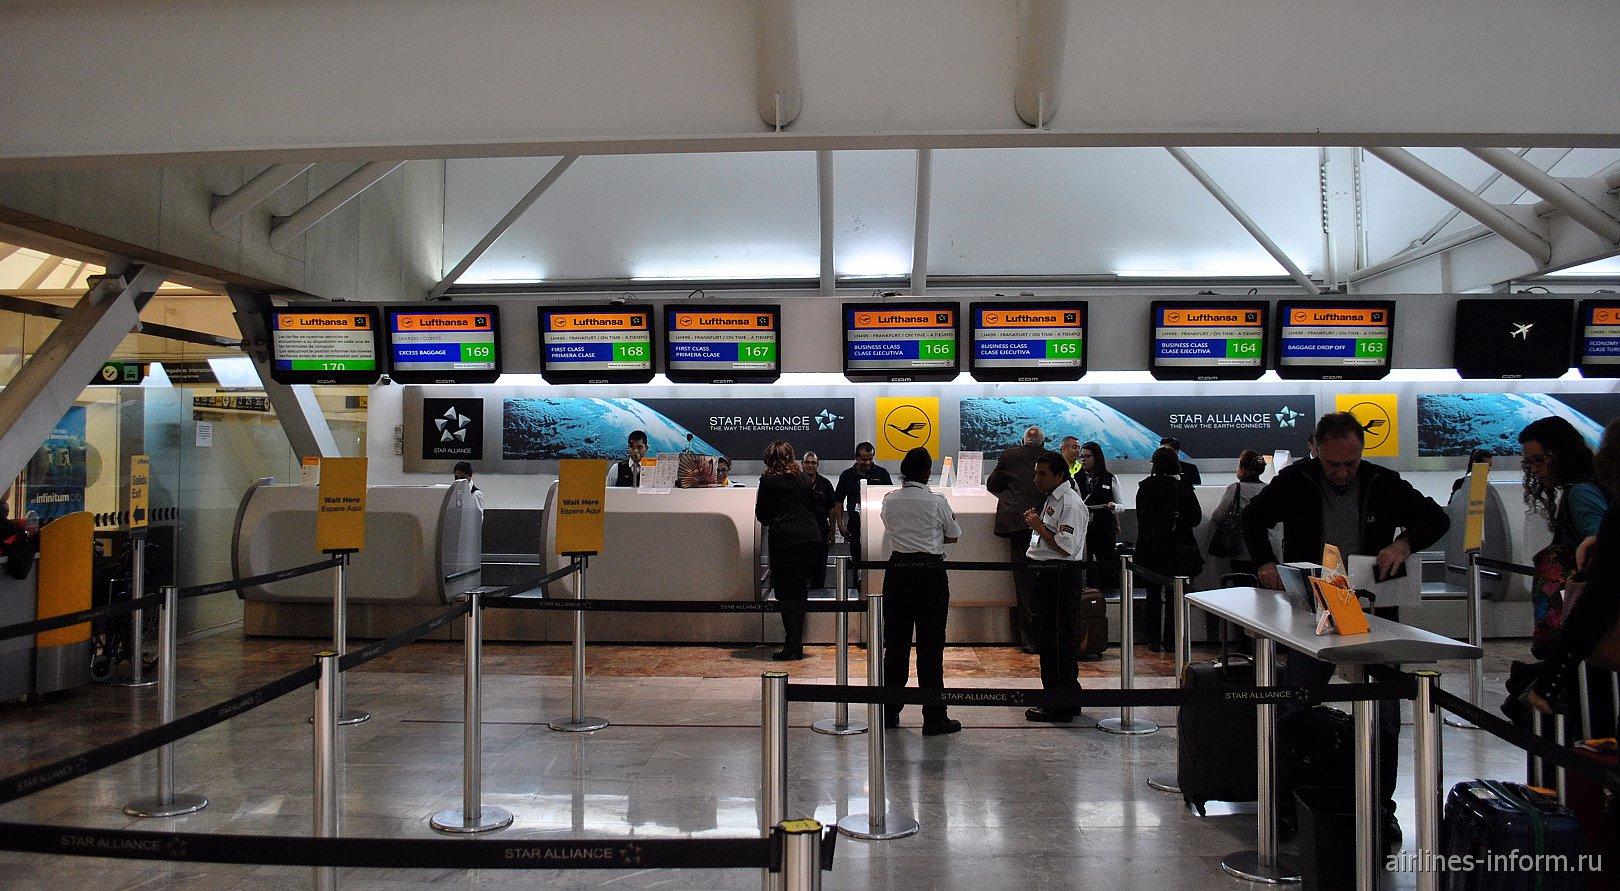 Стойки регистрации на рейсы авиакомпании Lufthansa в терминале Т1 аэропорта Мехико Бенито Хуарес